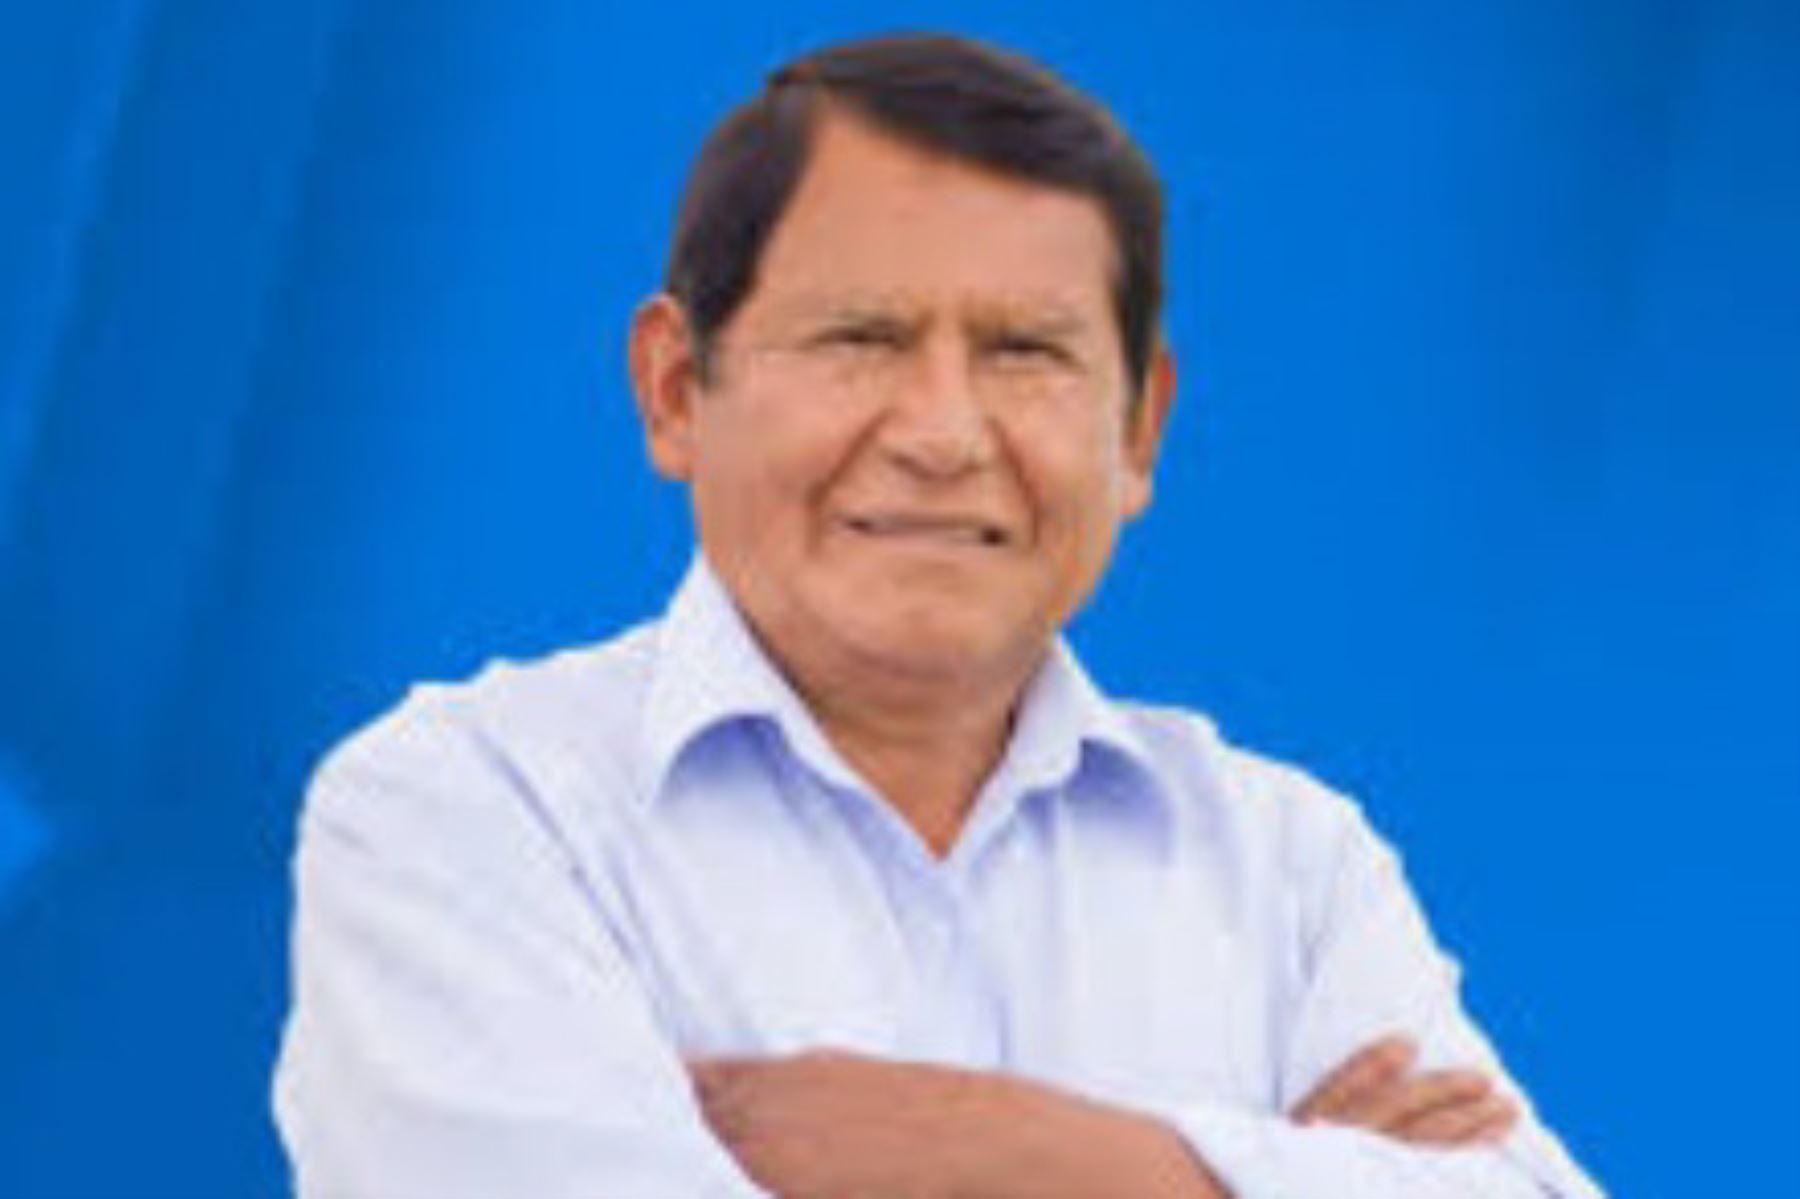 El candidato Zenón Cuevas (Moquegua Emprendedora Firme) sería el nuevo gobernador regional de Moquegua, al haber conseguido el 44.4% de los sufragios en los comicios de hoy, según el sondeo a boca de urna de la encuestadora Ipsos Perú.